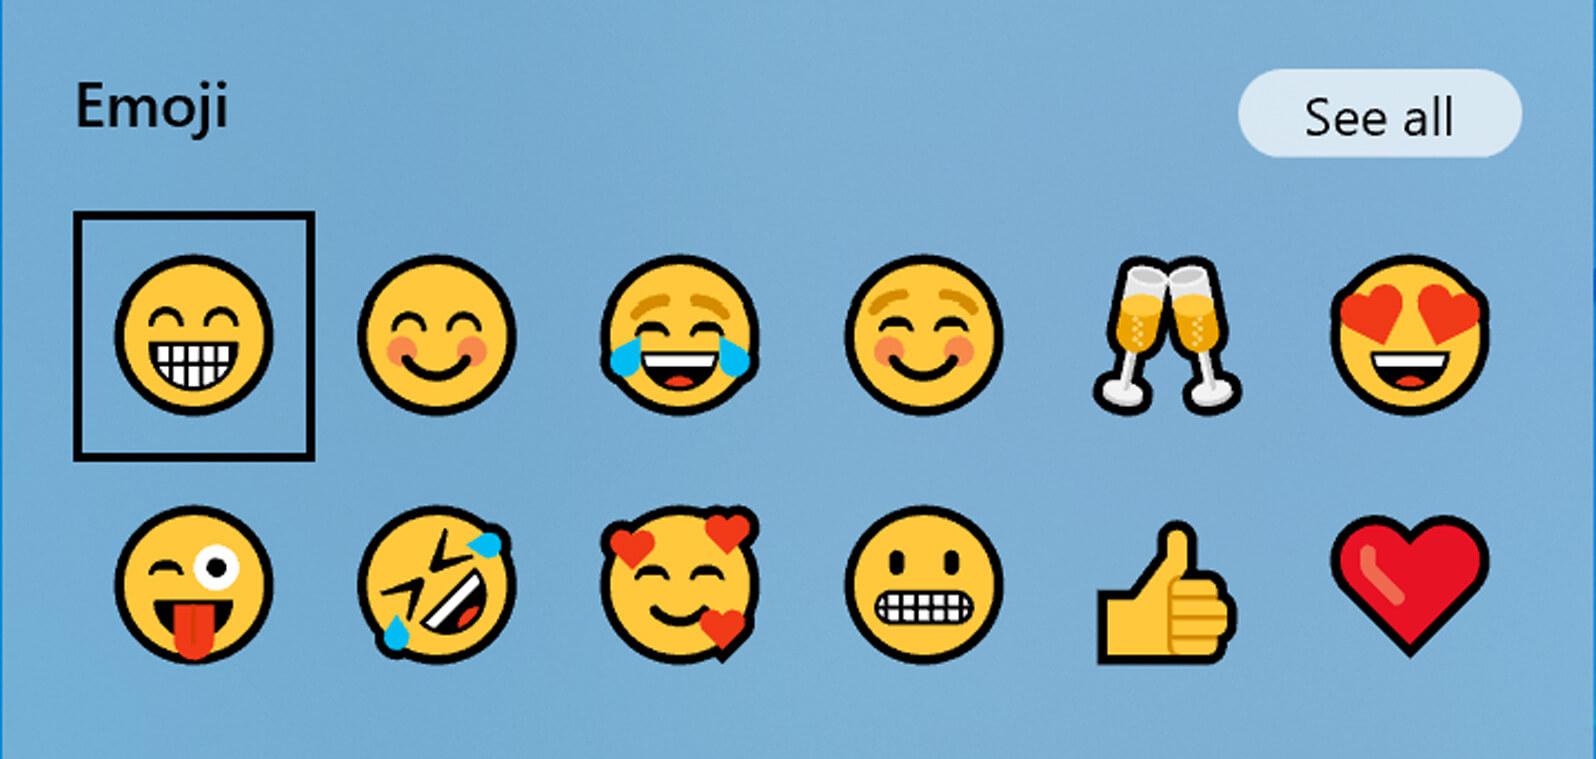 Windows 10 Insider Build 20206 Includes New Emoji Picker Voice Typing